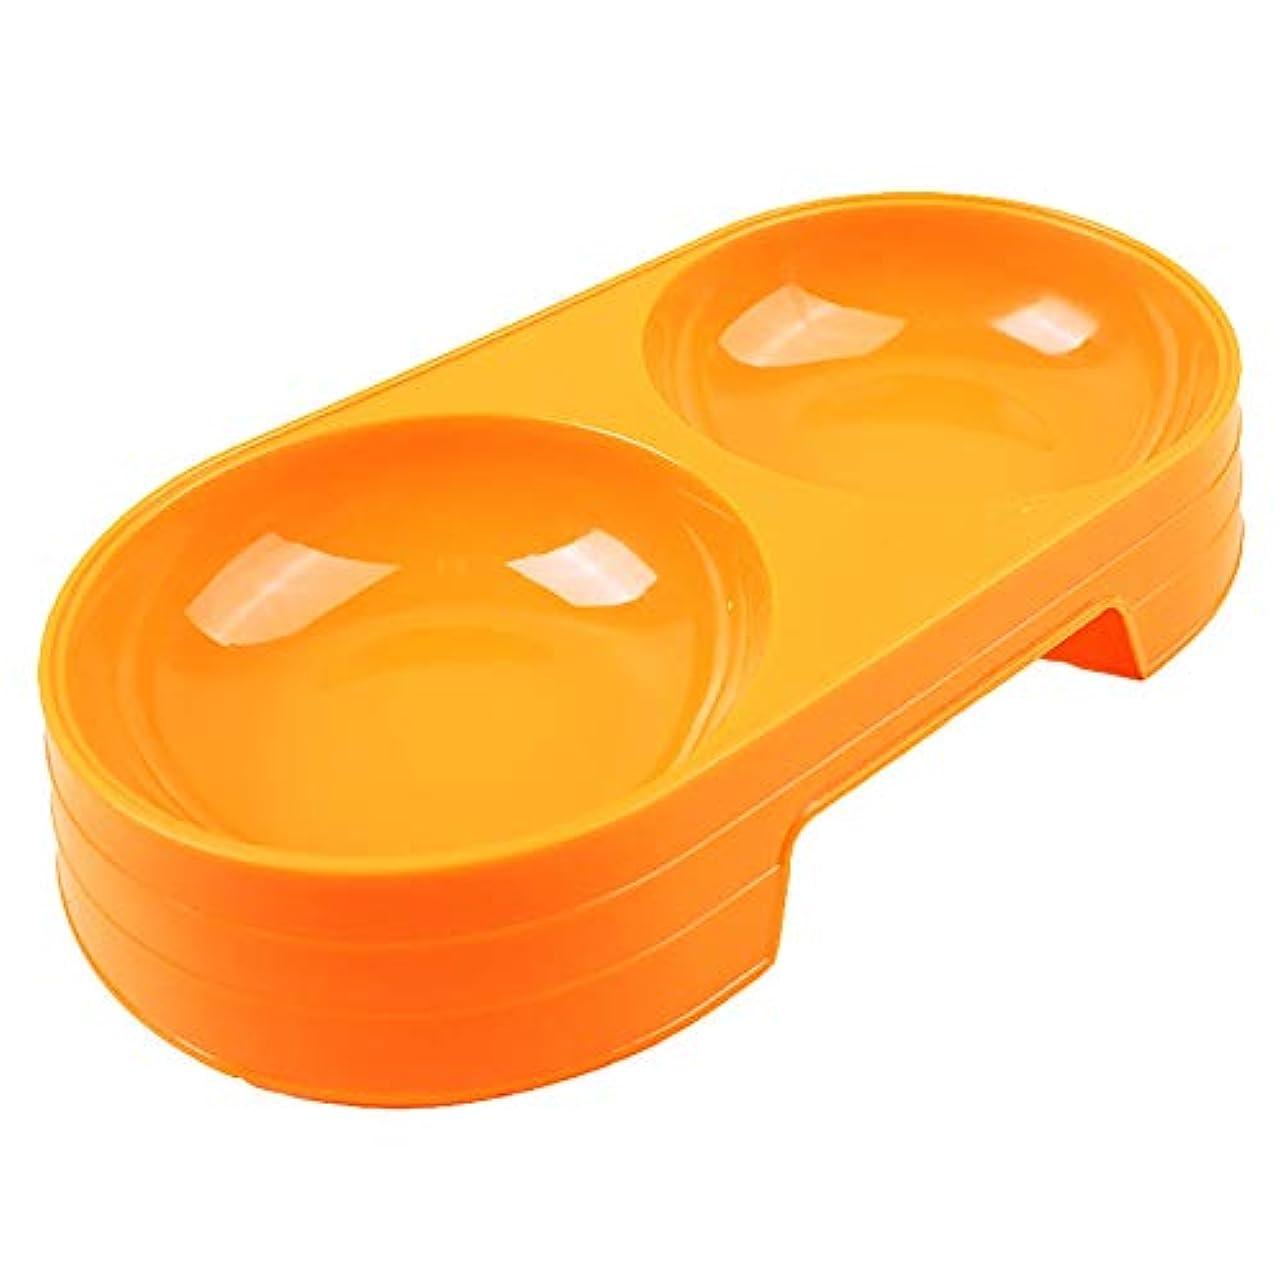 ペットボウ 食器 給水器 犬用 猫用 二つボウル付き(Orange/Standard